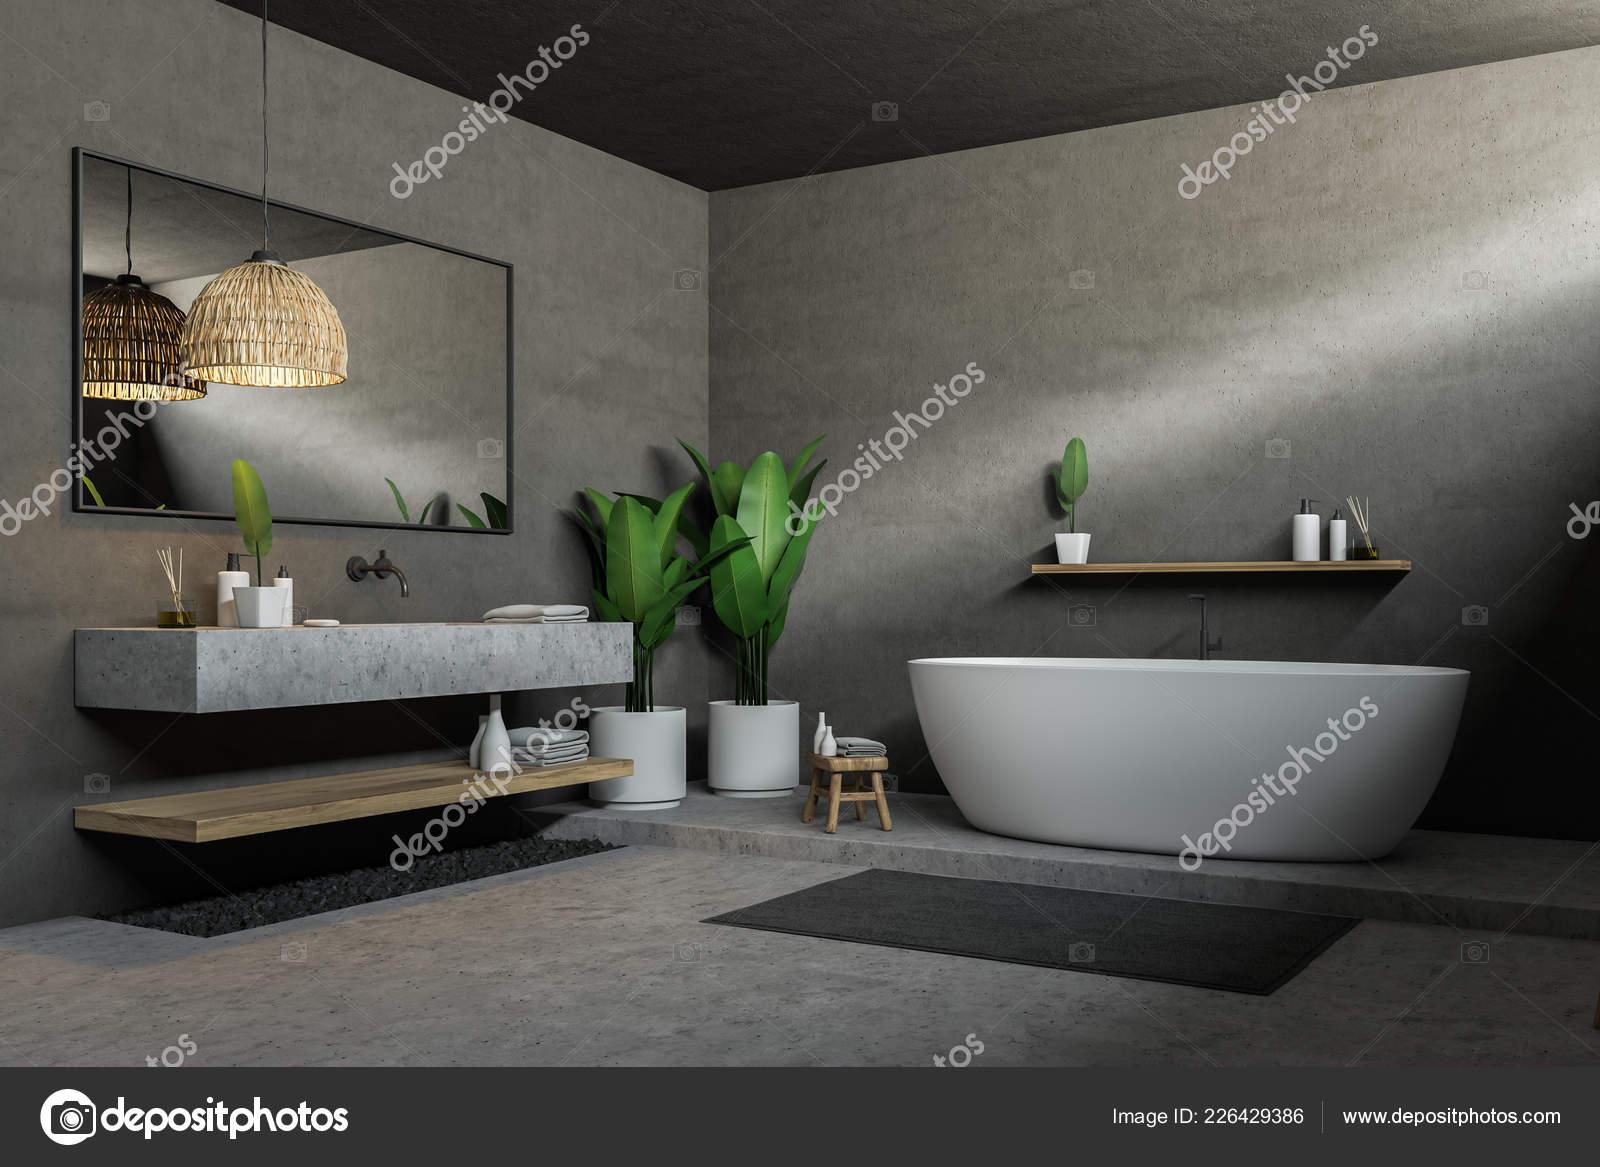 Vasca Da Lavare In Cemento : Angolo del bagno grigio con pavimento cemento vasca bagno bianca